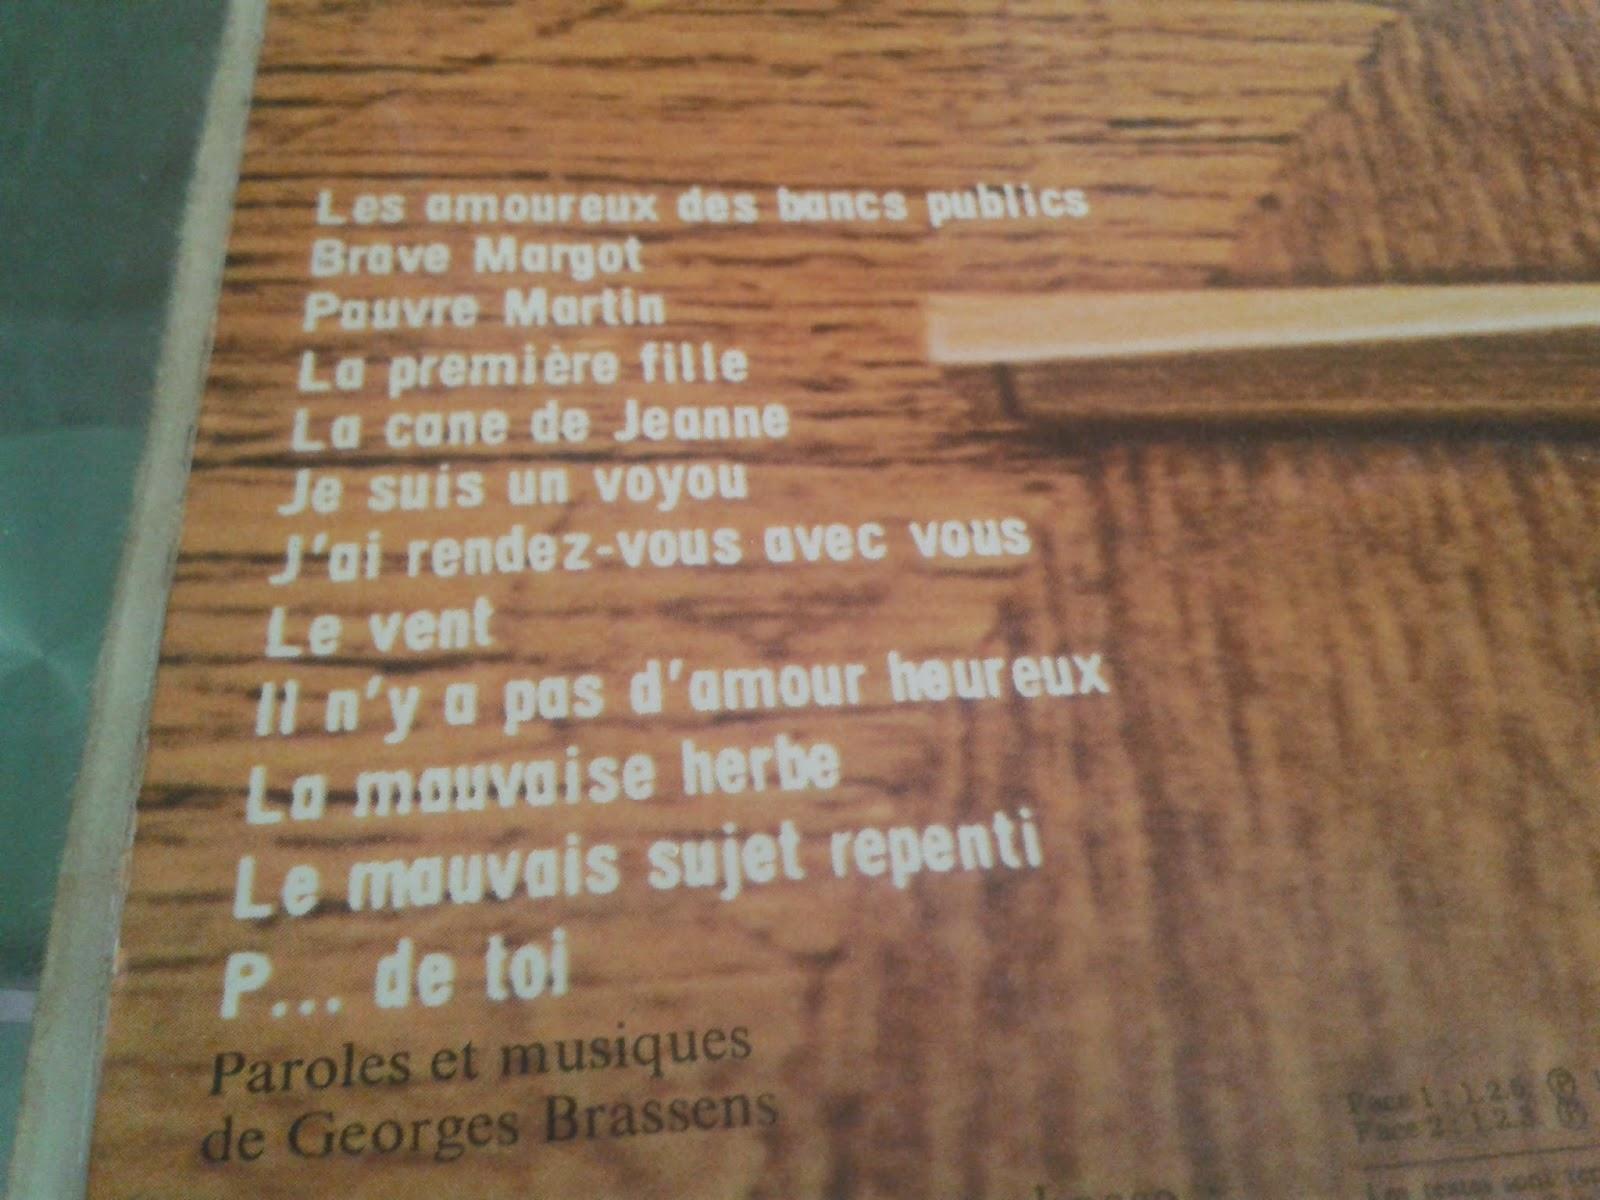 Los mil y un vinilos georges brassens 2 les amoureux des - Les amoureux des bancs publics brassens ...